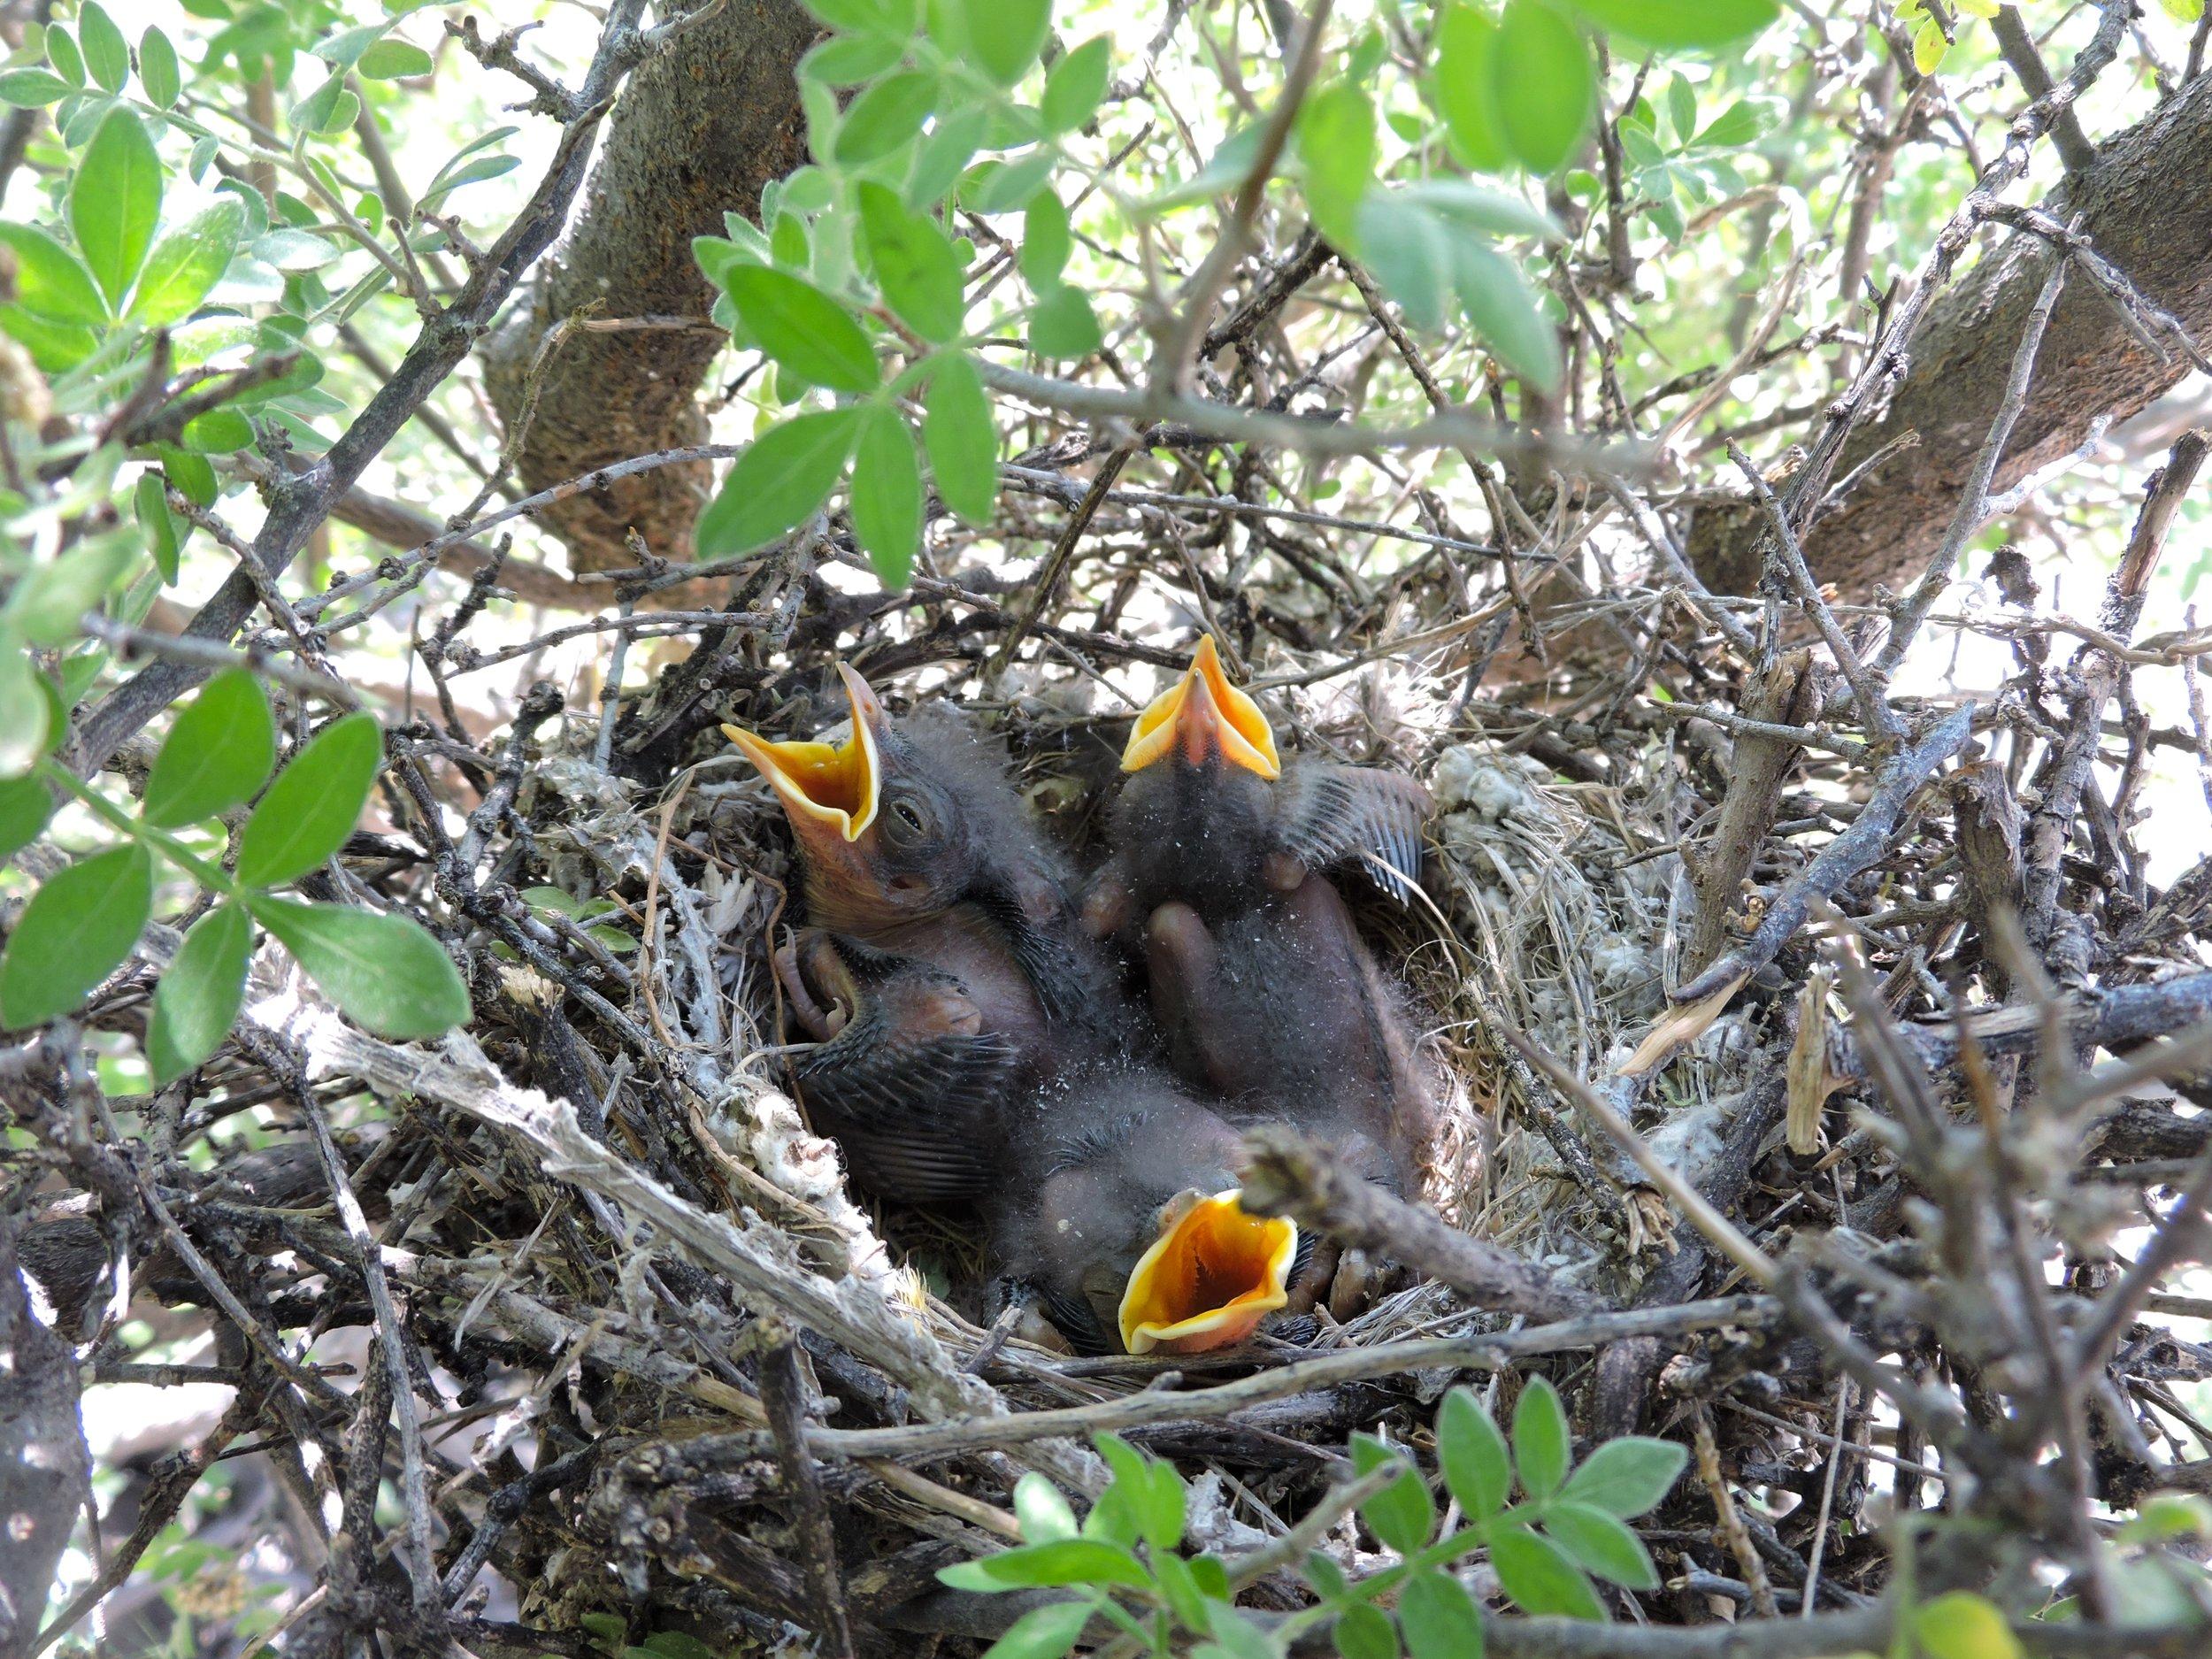 Chicks in nest.